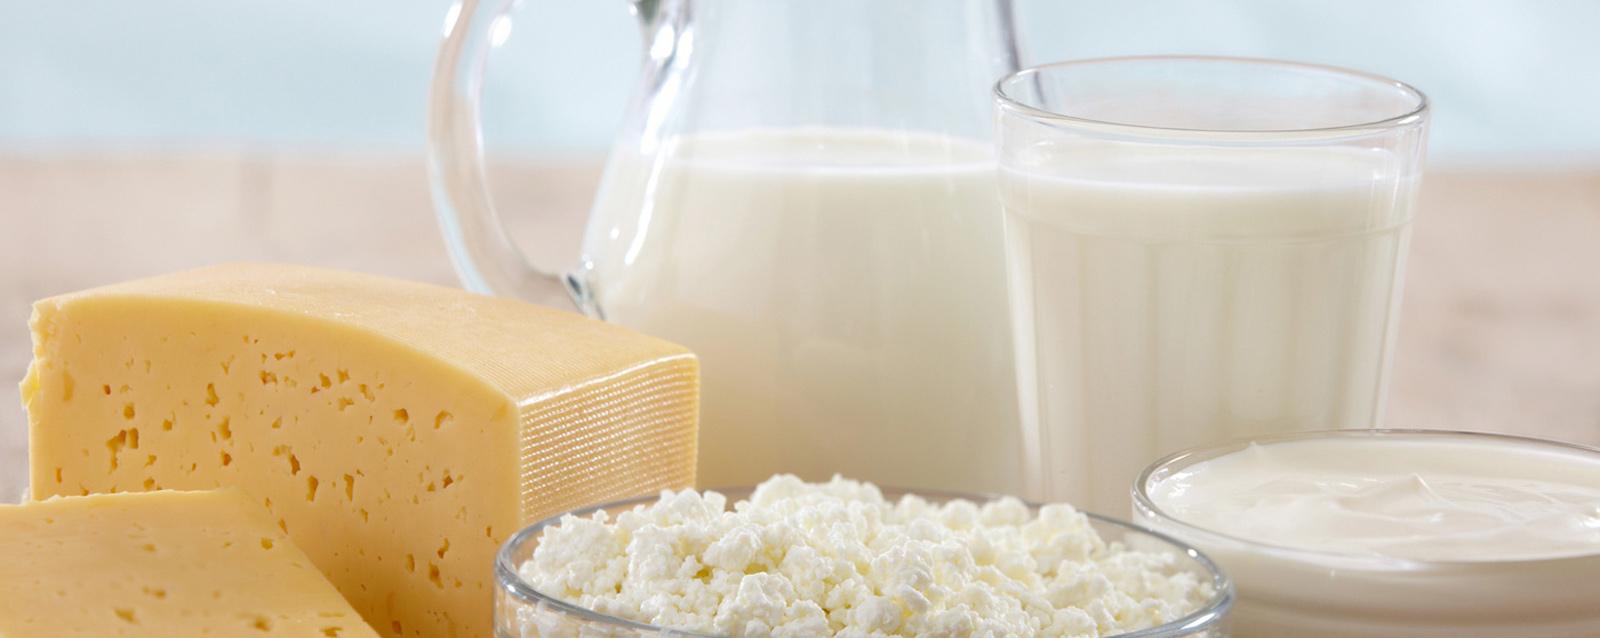 From Milk to Cheese, Yogurt to Ice Cream,